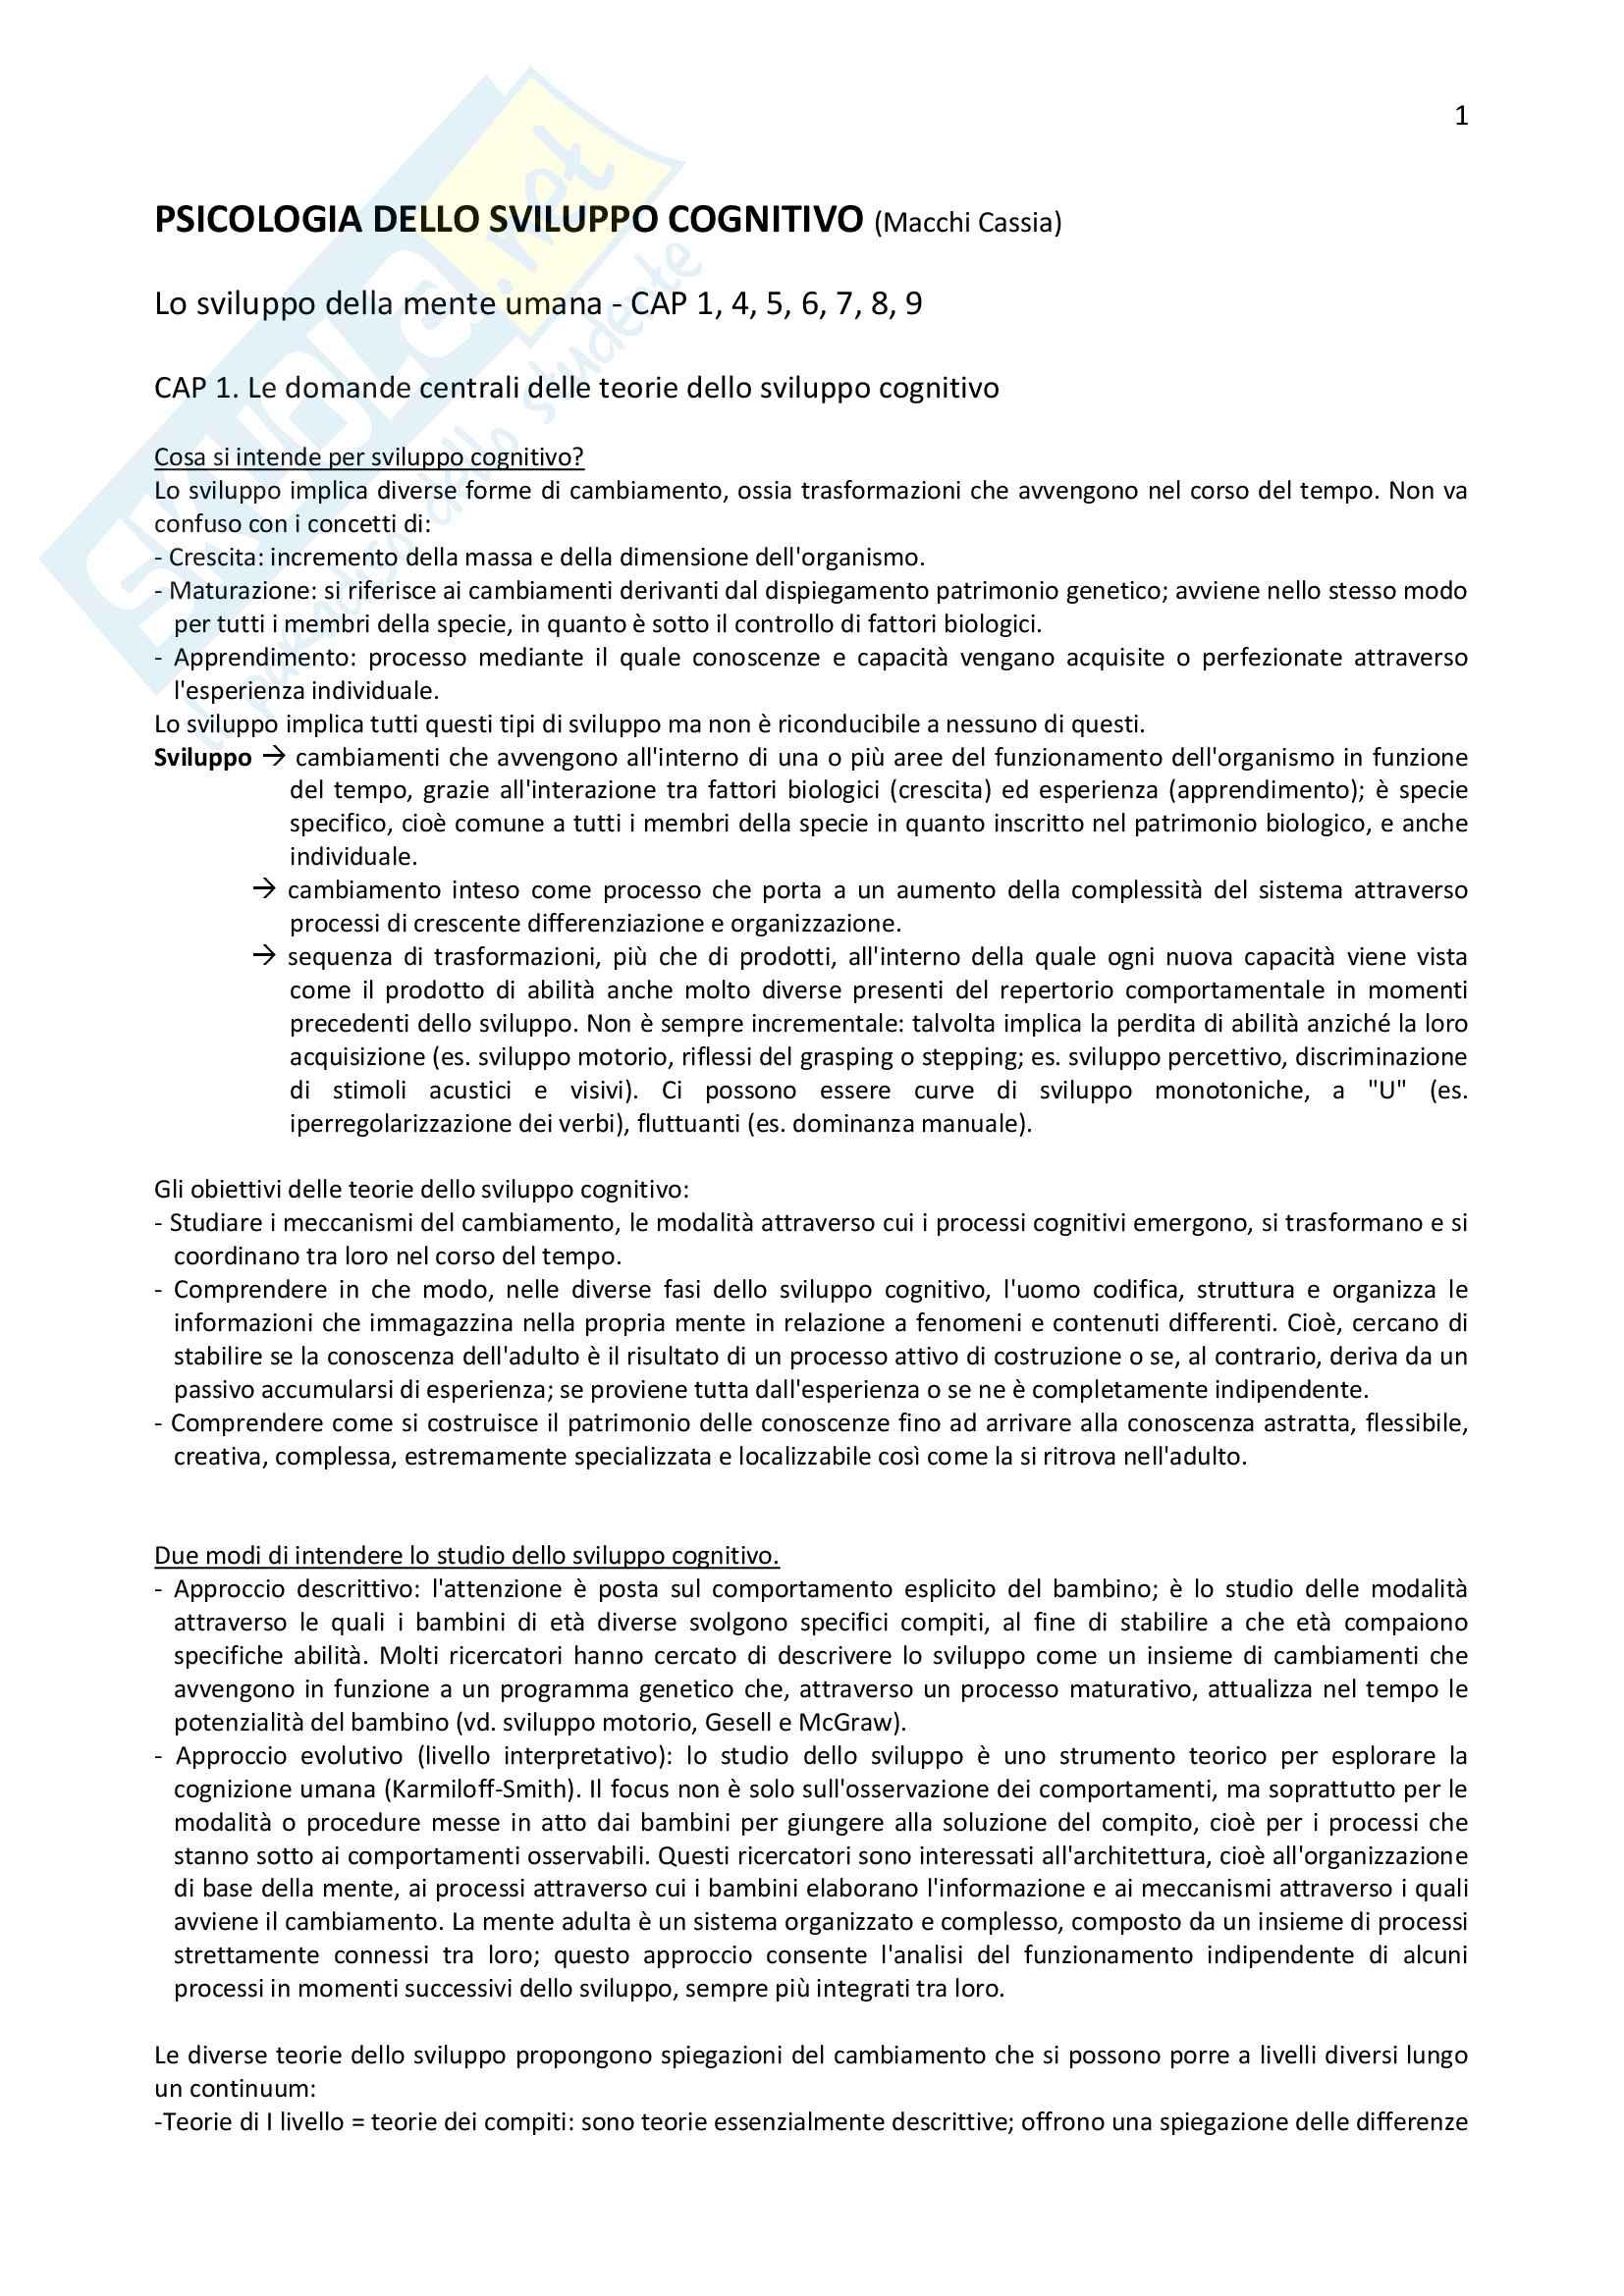 """""""Riassunto esame """"Psicologia dello sviluppo cognitivo"""", prof. Macchi Cassia, libro consigliato Manuale di psicologia dello sviluppo"""